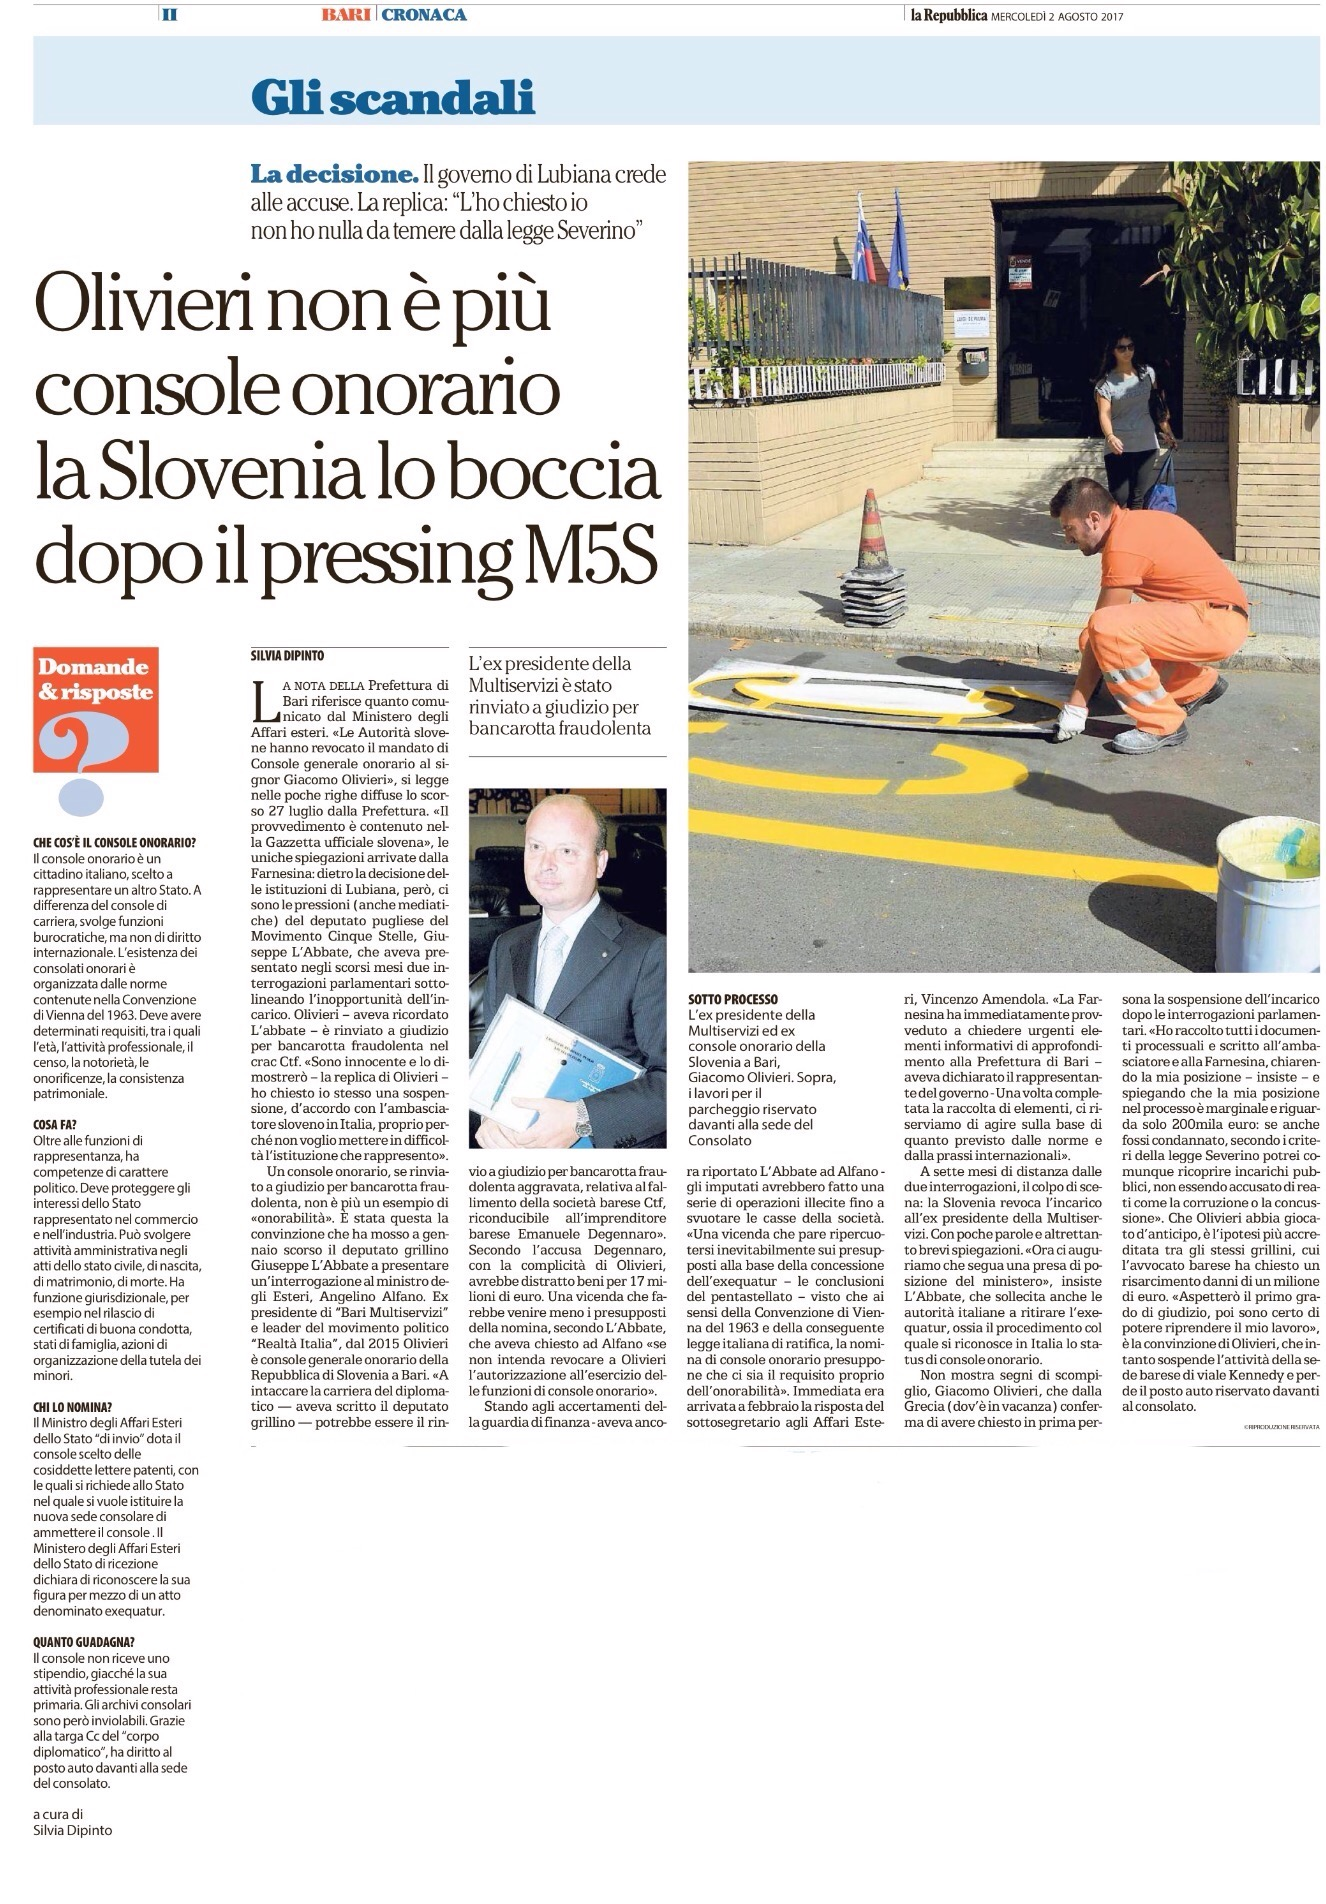 La Repubblica Bari - 02.08.2017